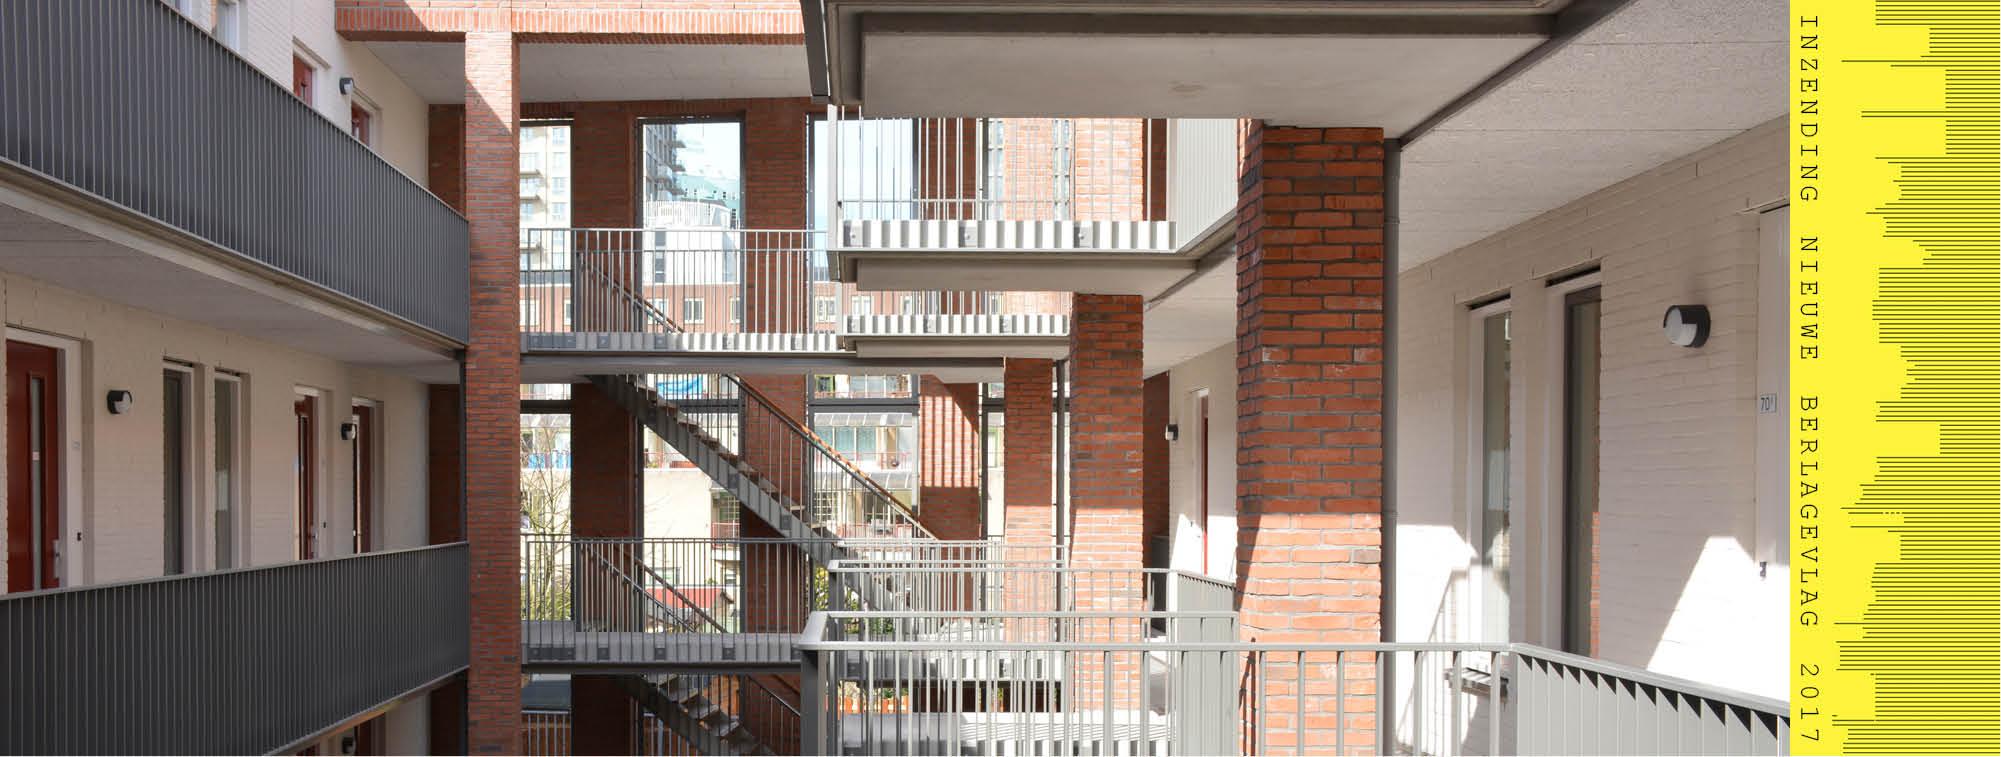 Nieuwe hojeswoningen aan de Uilebomen ontwerp Architektenkombinatie Bos Hofman